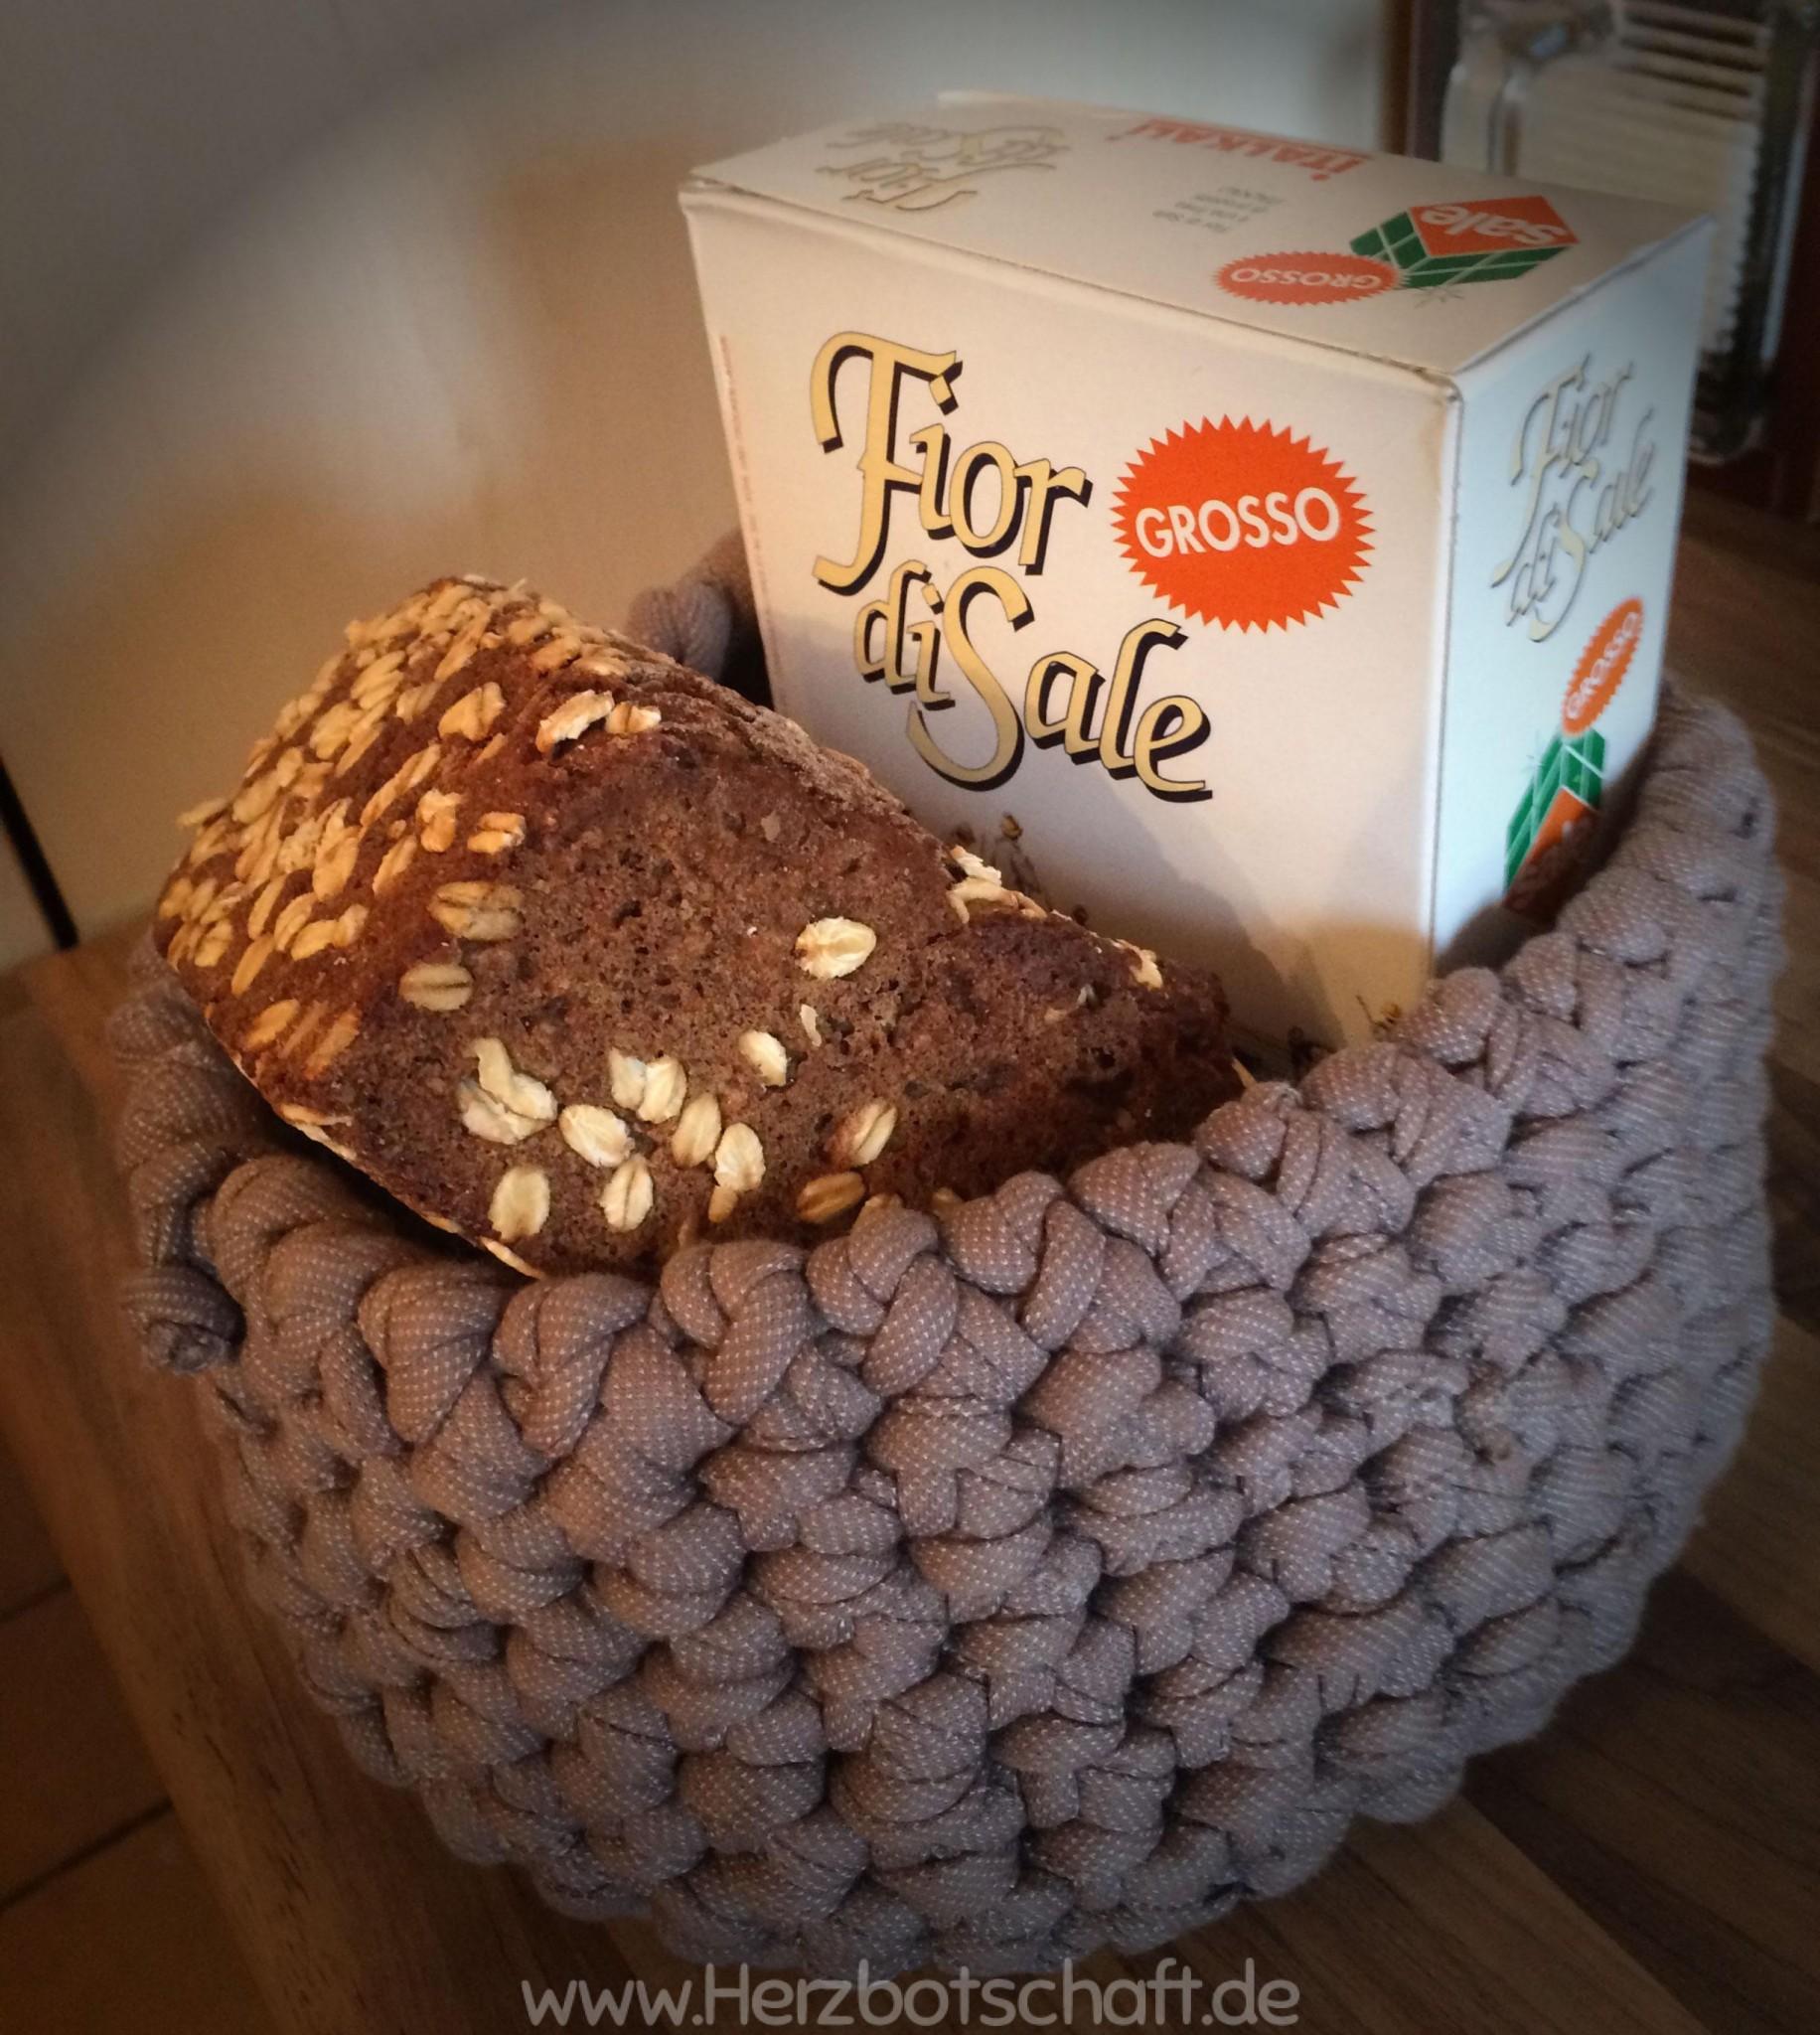 Geschenkidee zum Einzug: Brot und Salz im selbst gehäkelten Körbchen - ♥ Herzbotschaft.de